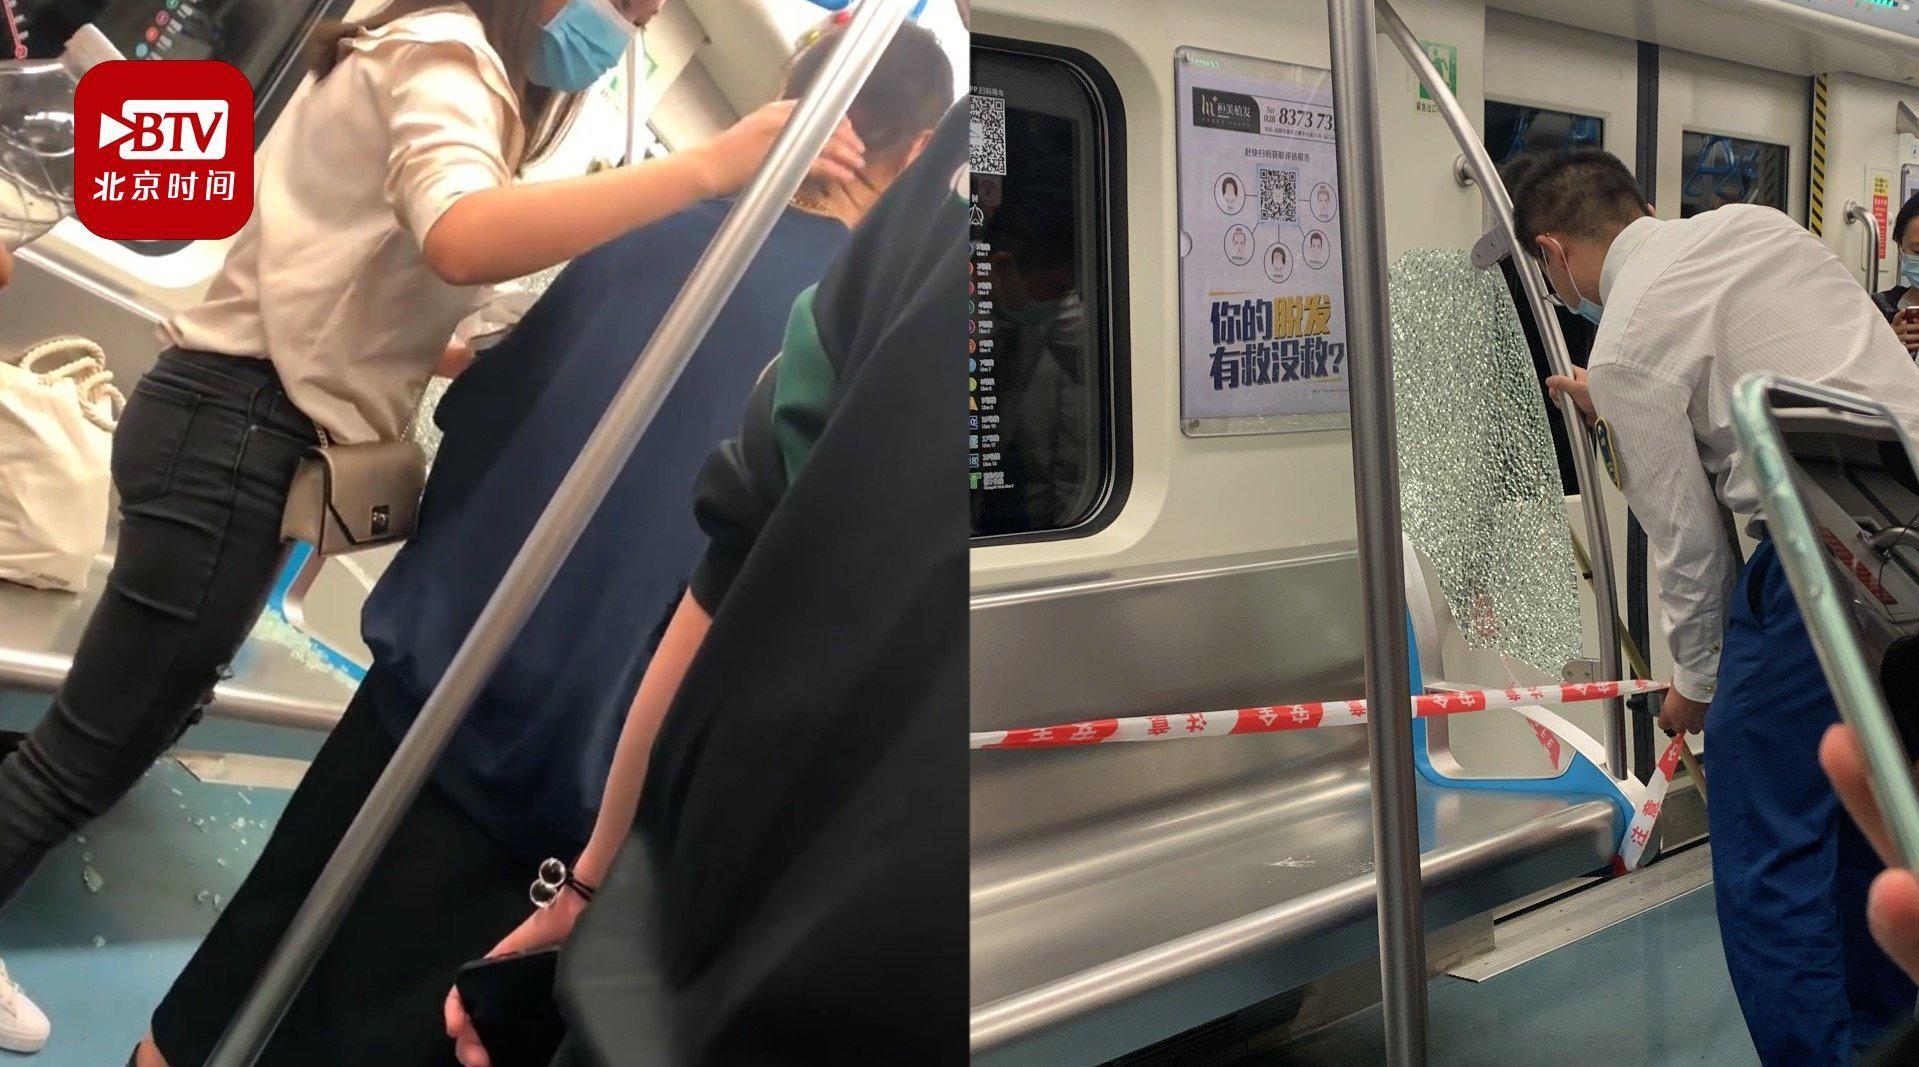 成都地铁车厢玻璃爆裂 一女乘客脖子被划伤